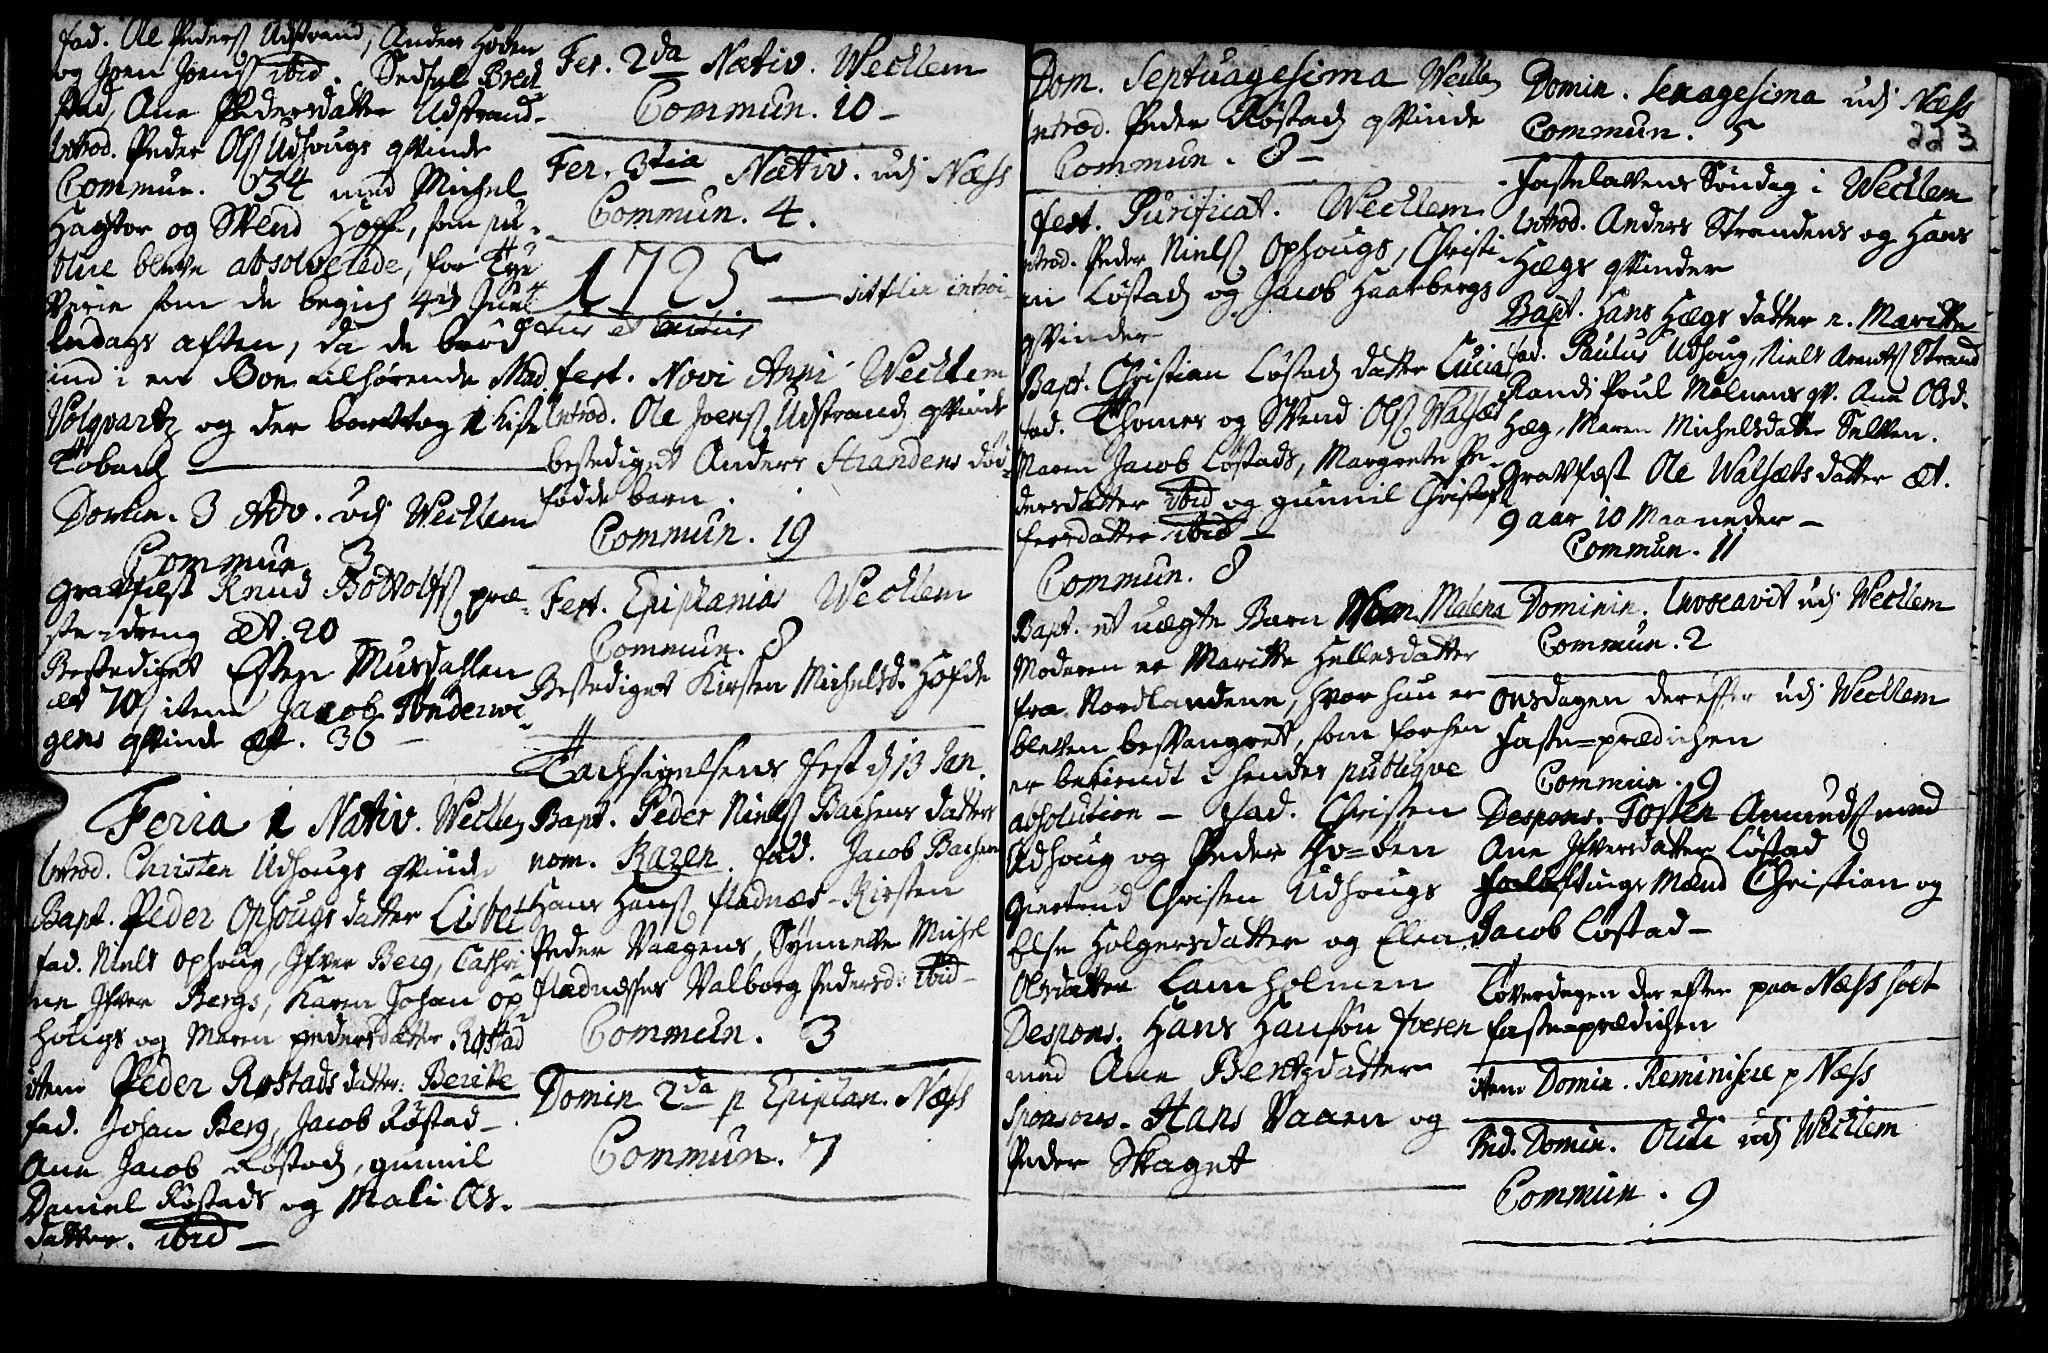 SAT, Ministerialprotokoller, klokkerbøker og fødselsregistre - Sør-Trøndelag, 659/L0731: Ministerialbok nr. 659A01, 1709-1731, s. 222-223